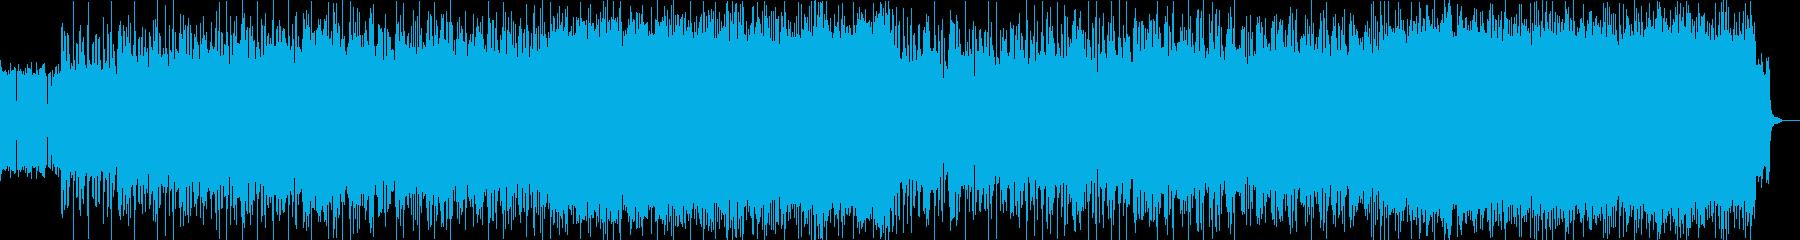 ディープパープル風のハードロックの再生済みの波形